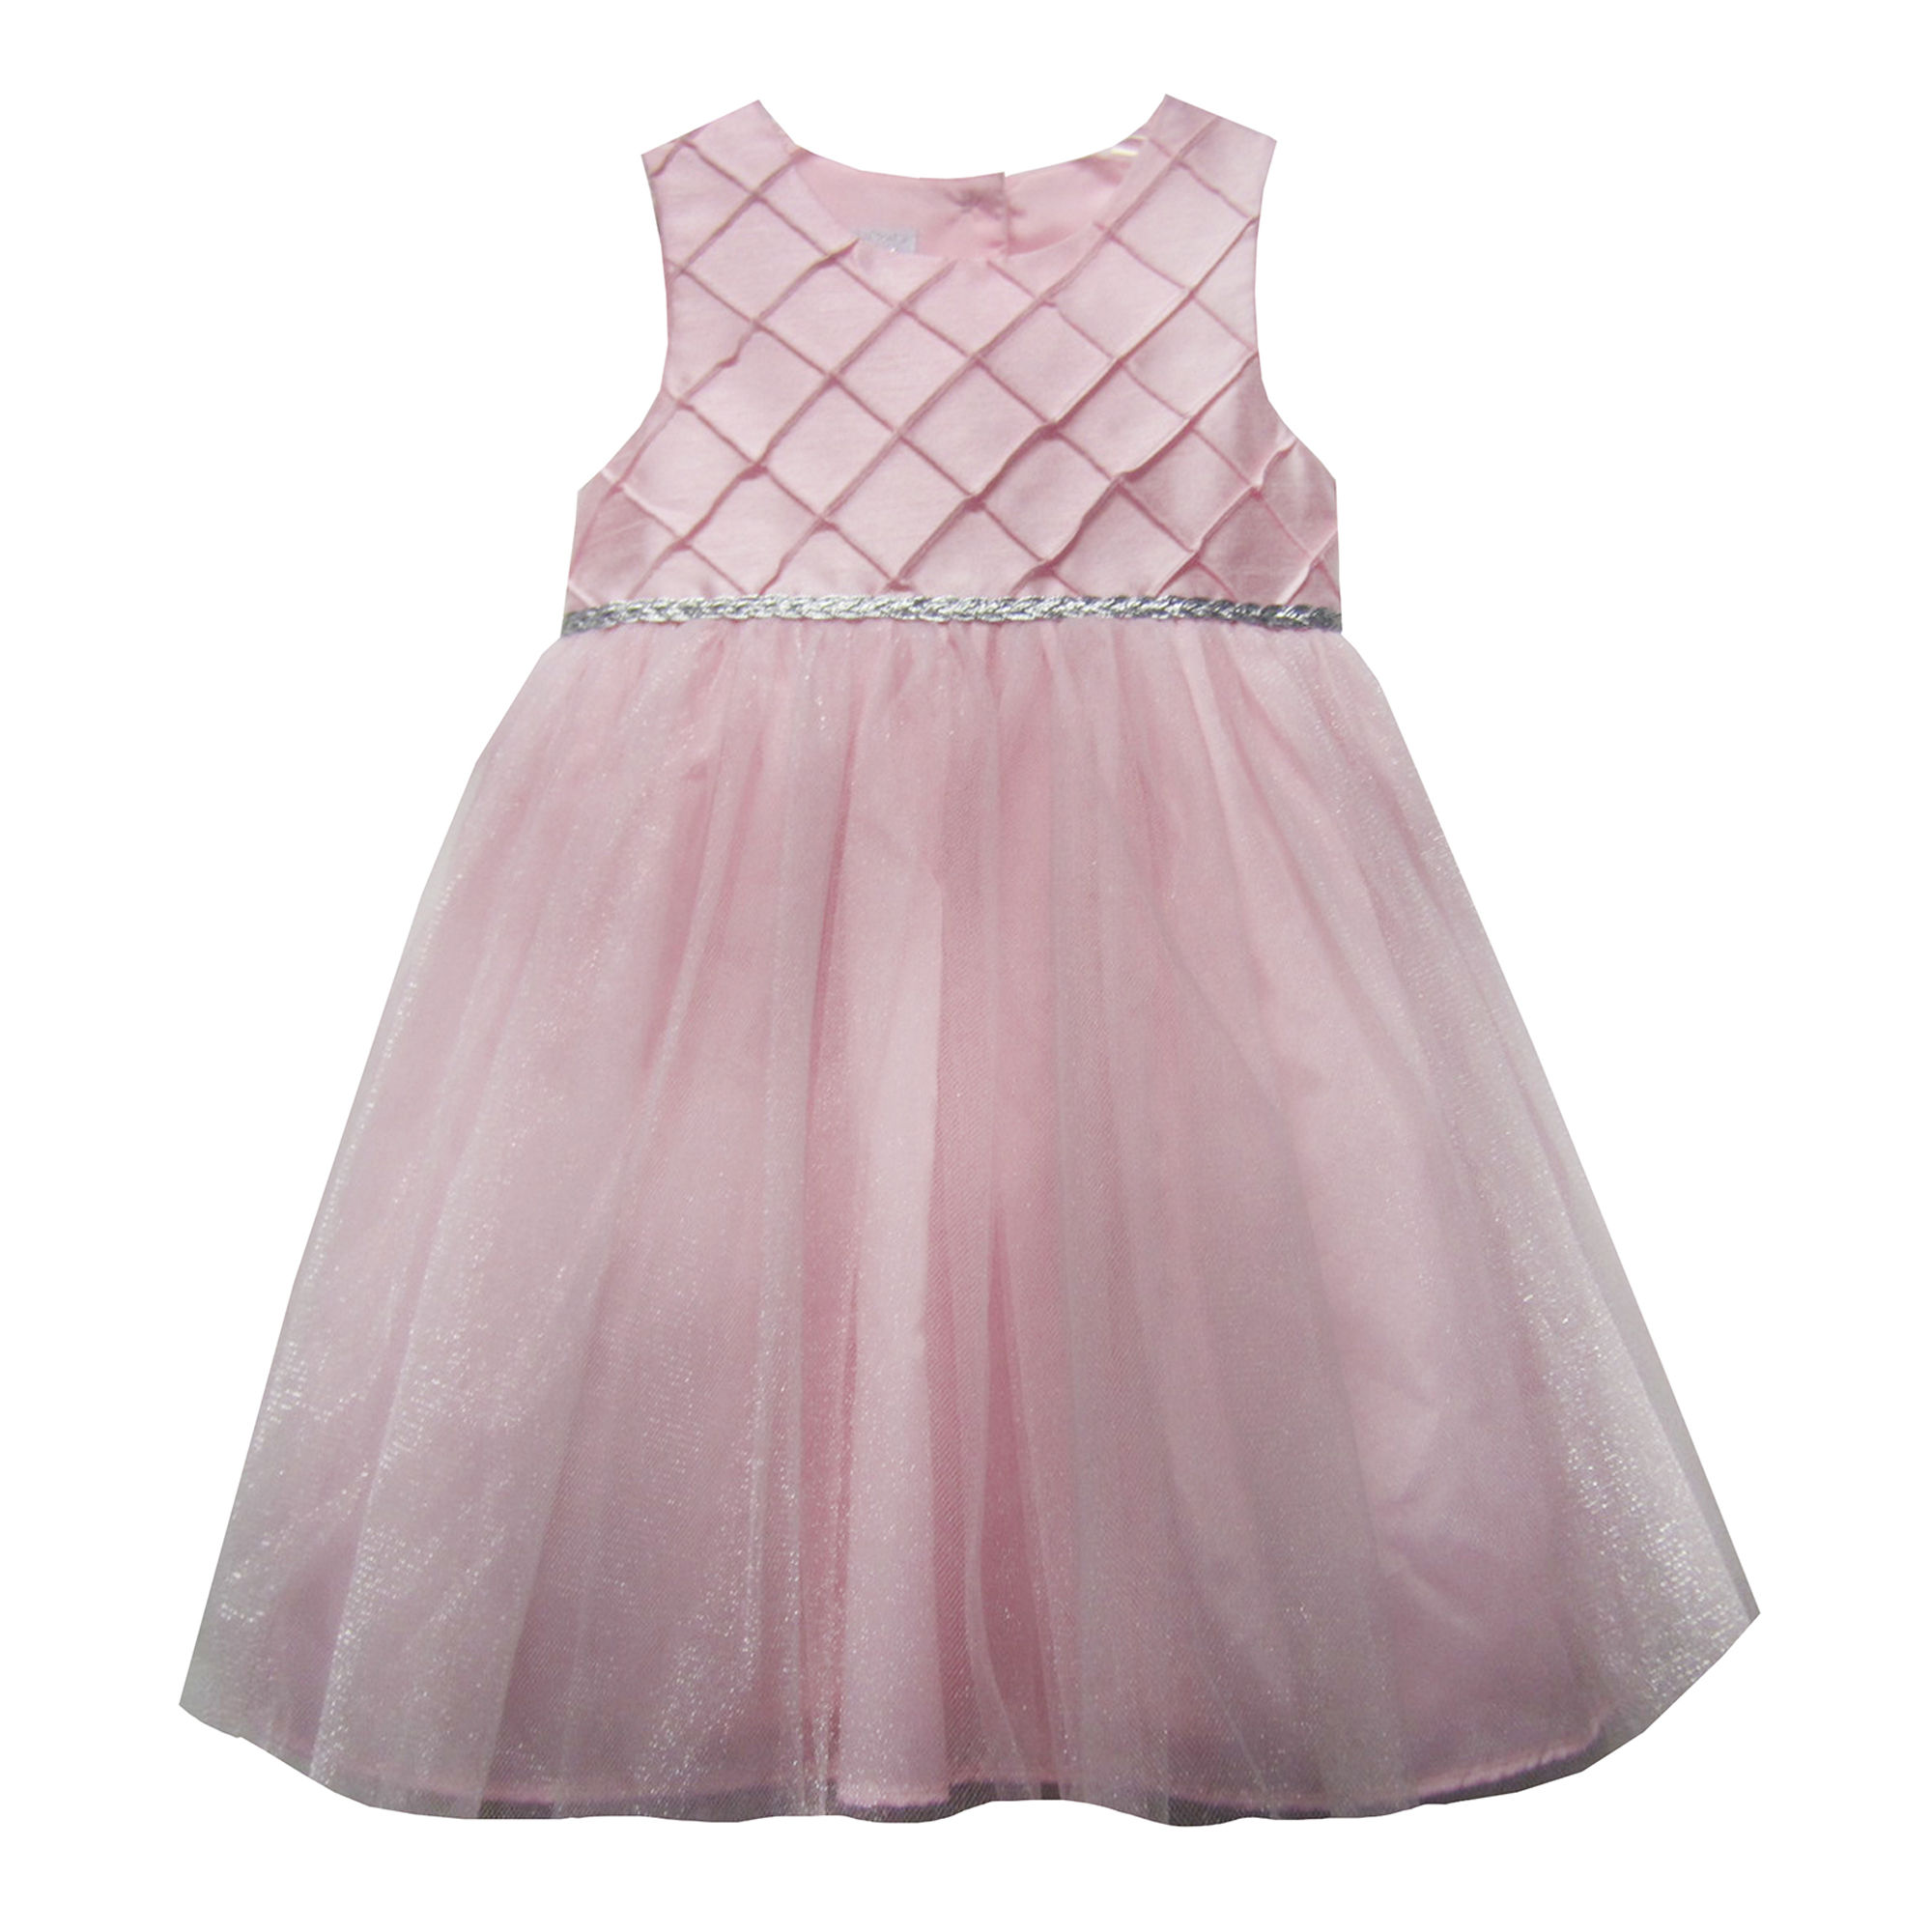 UPC Marmellata Sleeveless Diamond Pintuck Ballerina